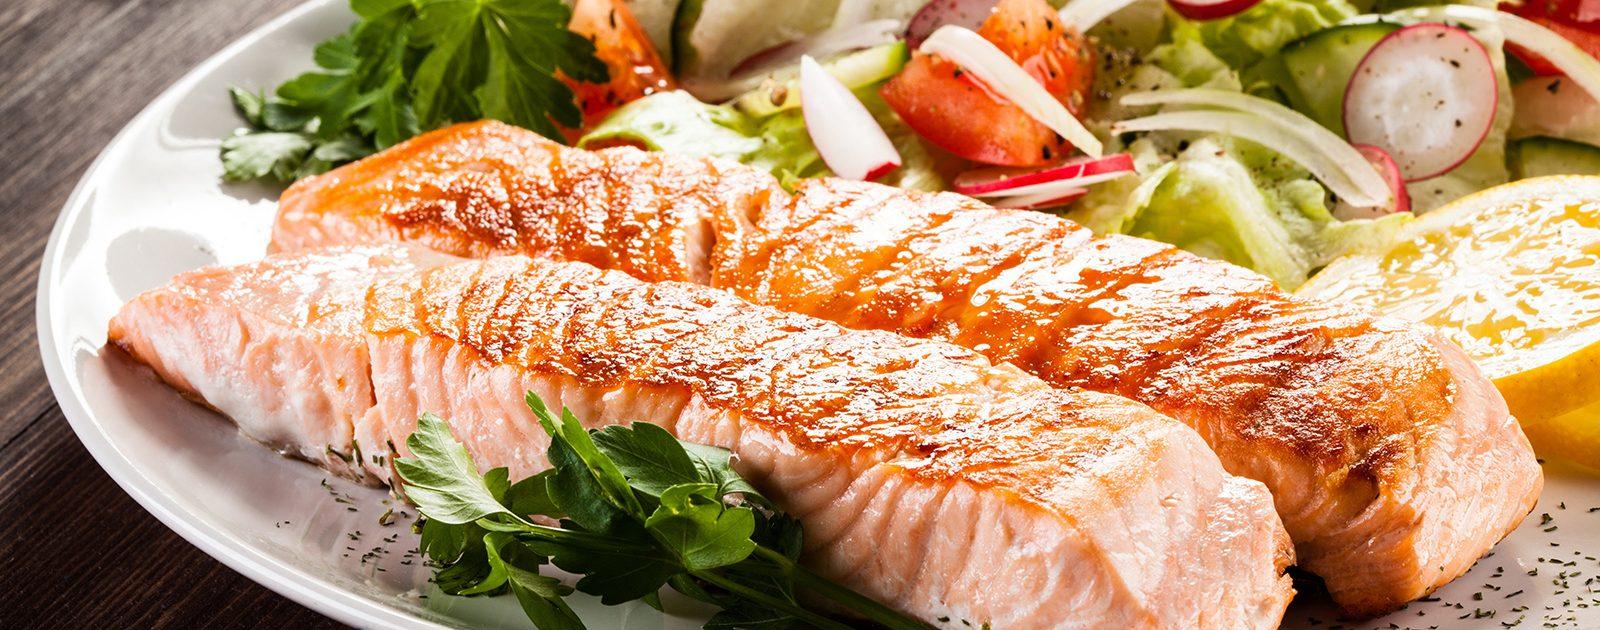 Fisch enthält viele in der Schwangerschaft wichtige Omega-3 Fettsäuren.